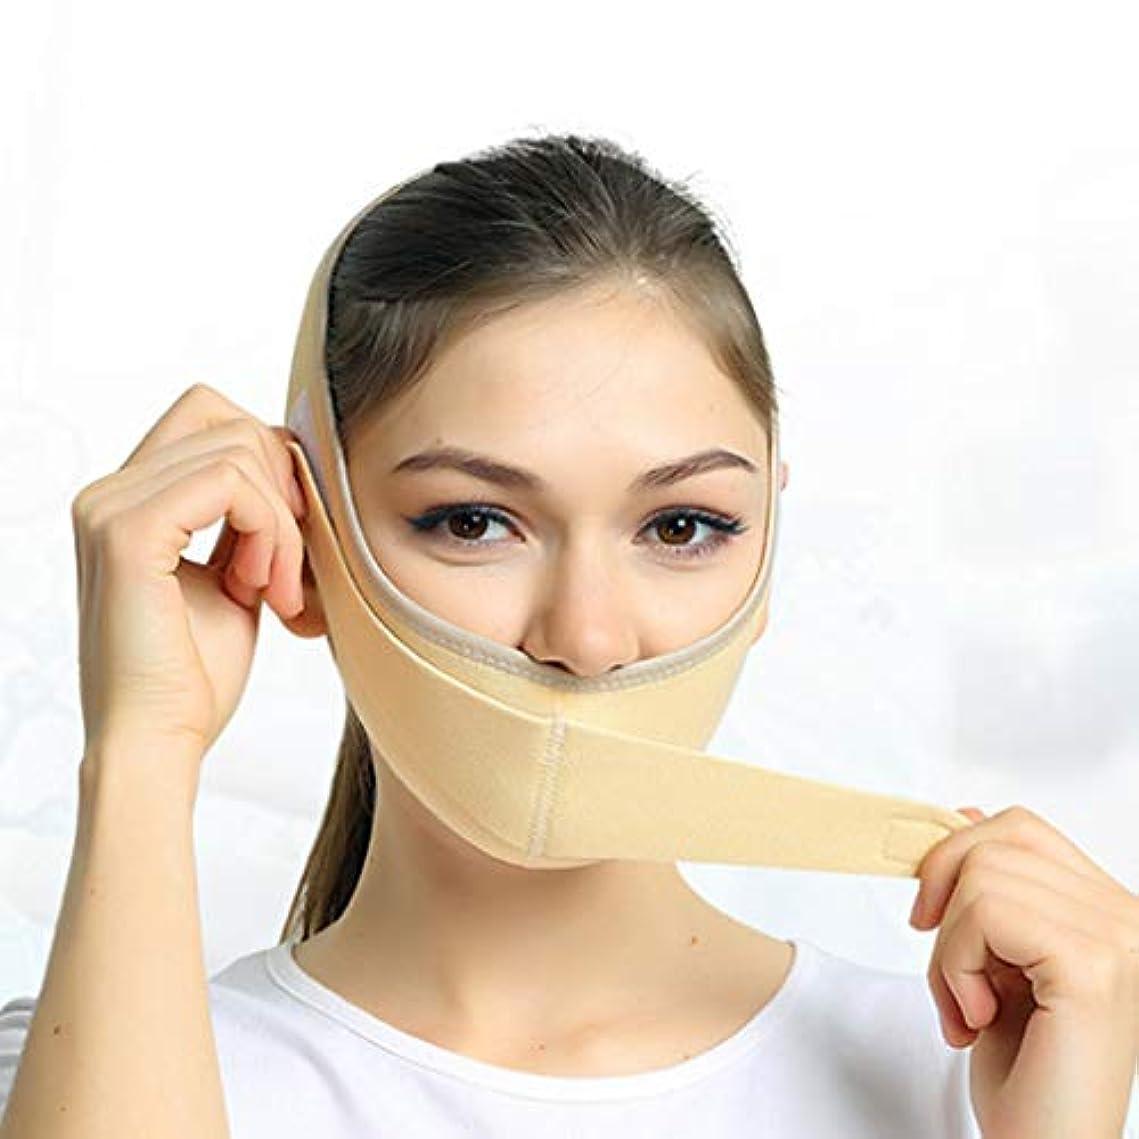 アシスト素敵な重要な役割を果たす、中心的な手段となる顔の減量術後の回復包帯小さな v 顔睡眠マスク露出あごの医療顔